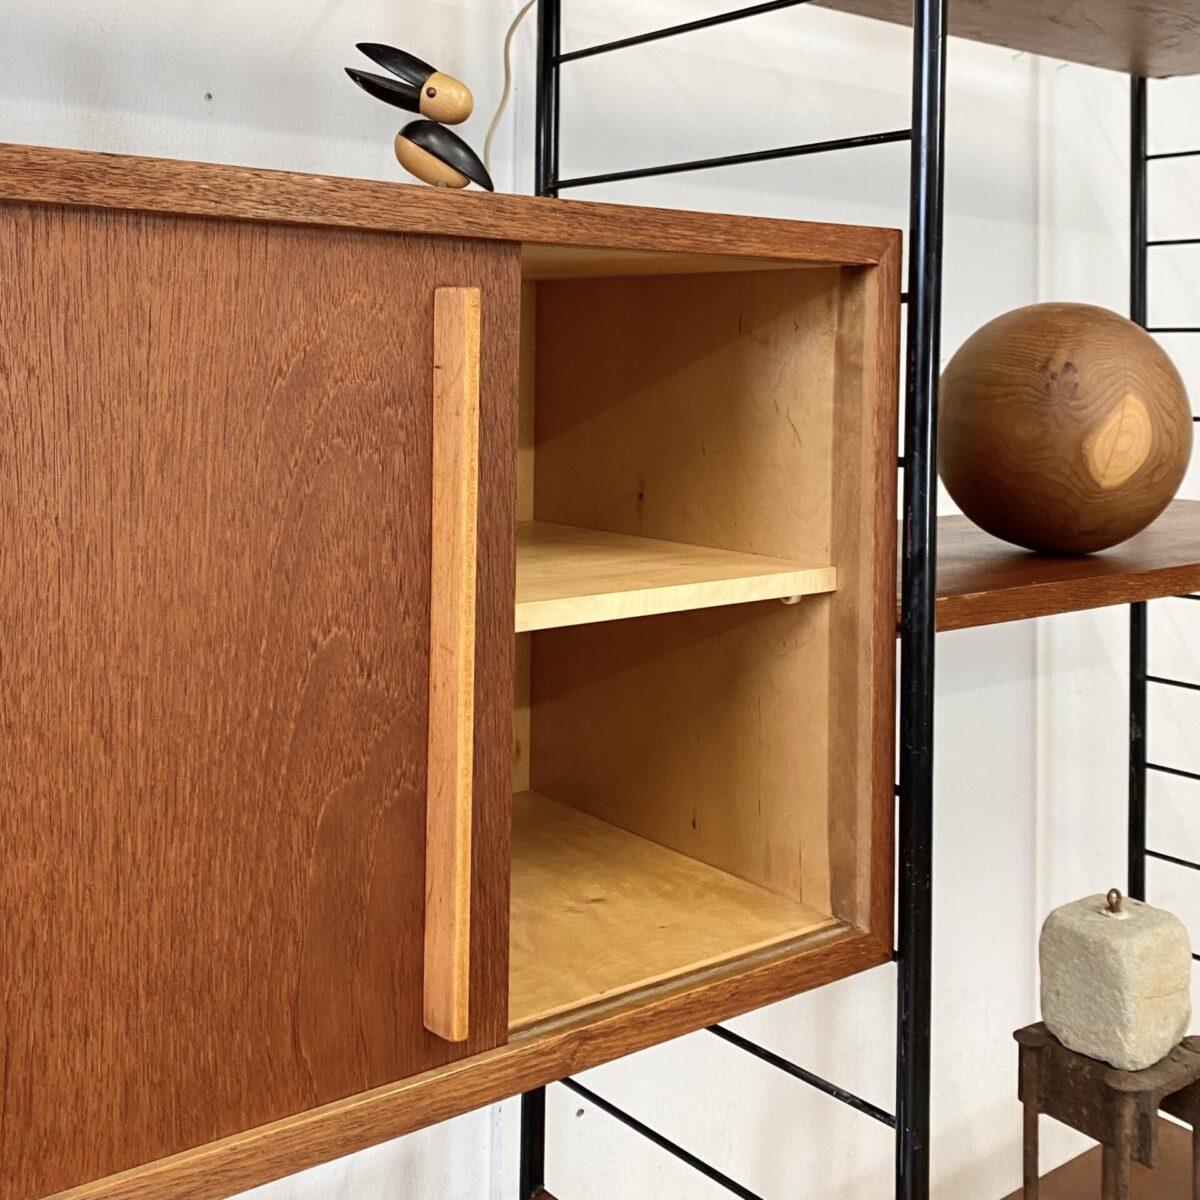 Deuxieme.shop Stringregal Niessen. Midcentury Teak Regal mit Schiebetüren Korpus. 160x36cm Höhe 171cm. Das Bücherregal ist aus den 60er Jahren, ähnlich den Stringregalen, ein Hersteller ist nicht ersichtlich. Schöner allgemein Zustand mit kleineren Alters Abnutzungen. Der Korpus Innenraum, mit Tablar, ist Ahorn furniert. Die Metall Leitern sind schwarz lackiert, an diversen Stellen ist die Farbe etwas abgewetzt, hauptsächlich im Bereich der Tablar Haken.